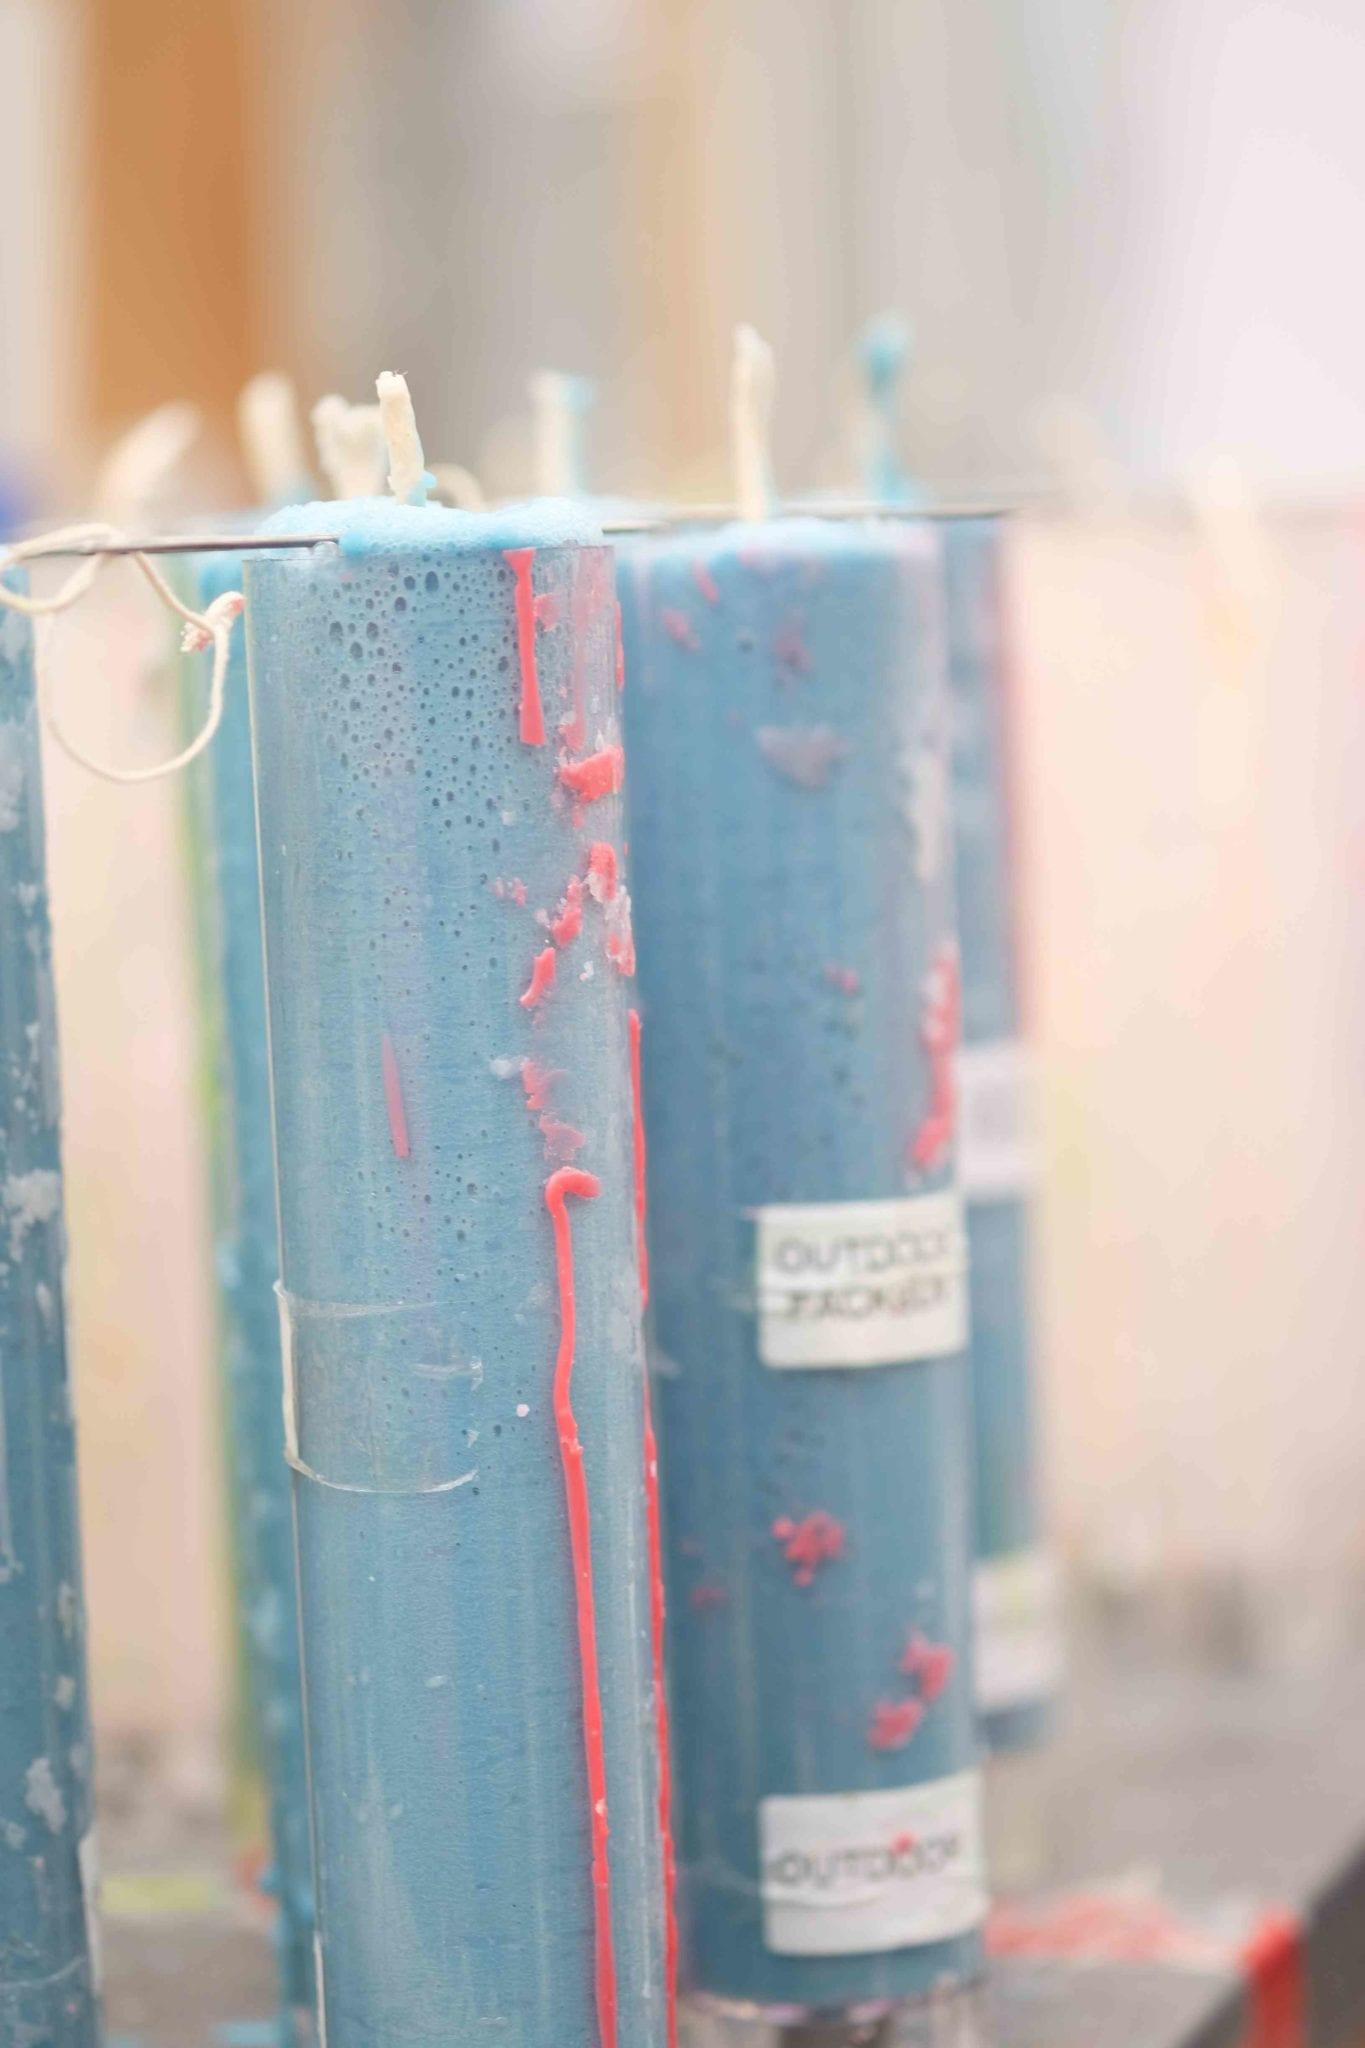 Kerzenhülsen aus Kunststoff mit hell-blauem Wachs.